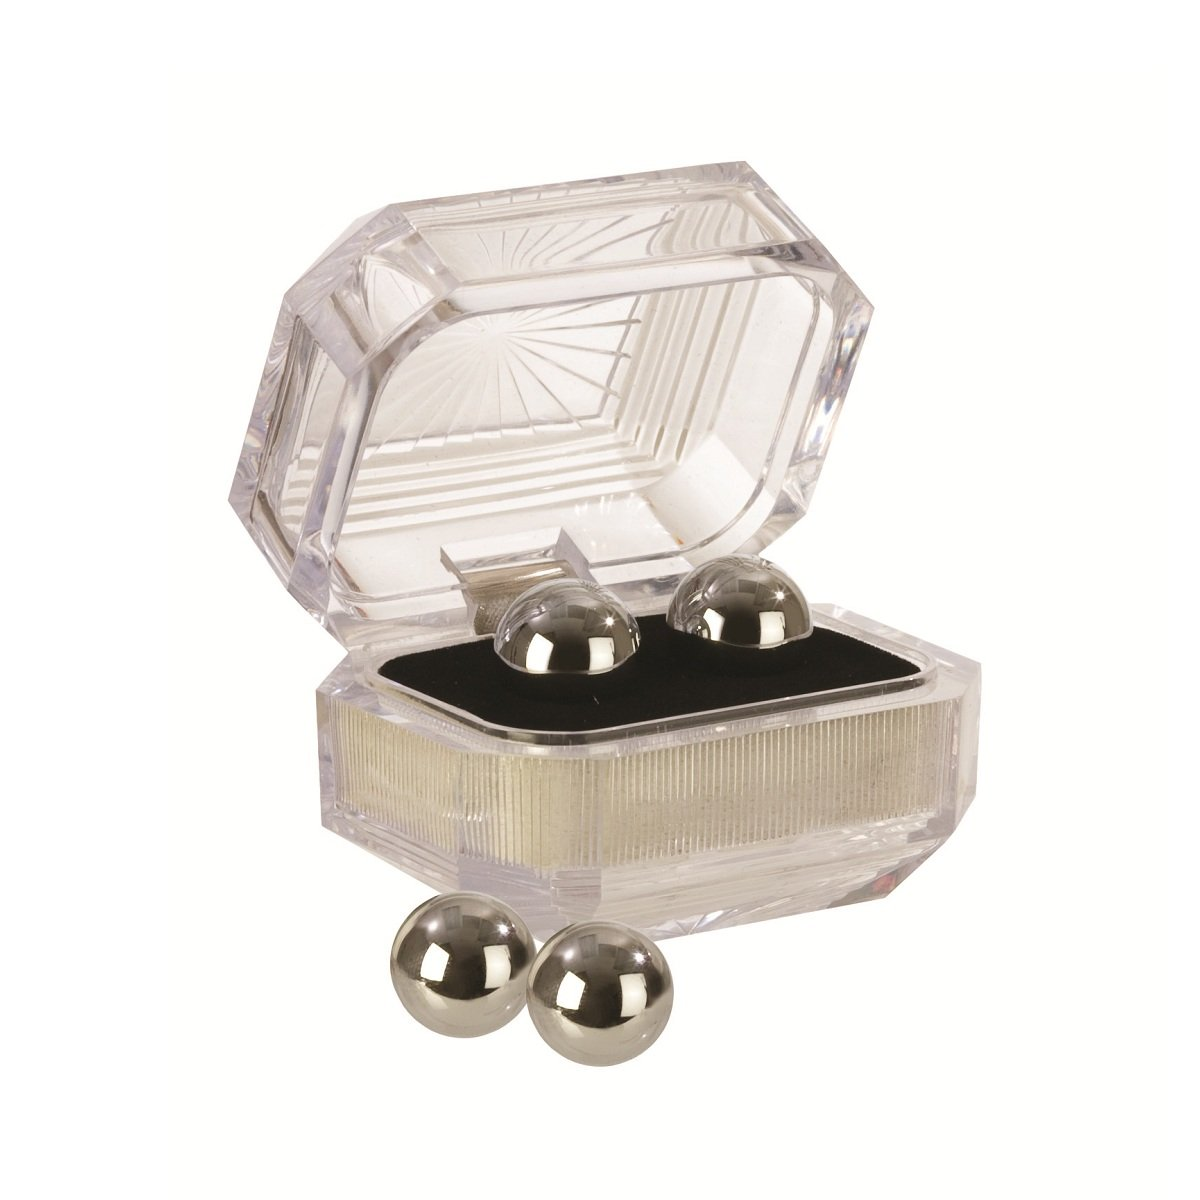 Серебристые вагинальные шарики Silver Balls In Presentation Box - фото 1647111